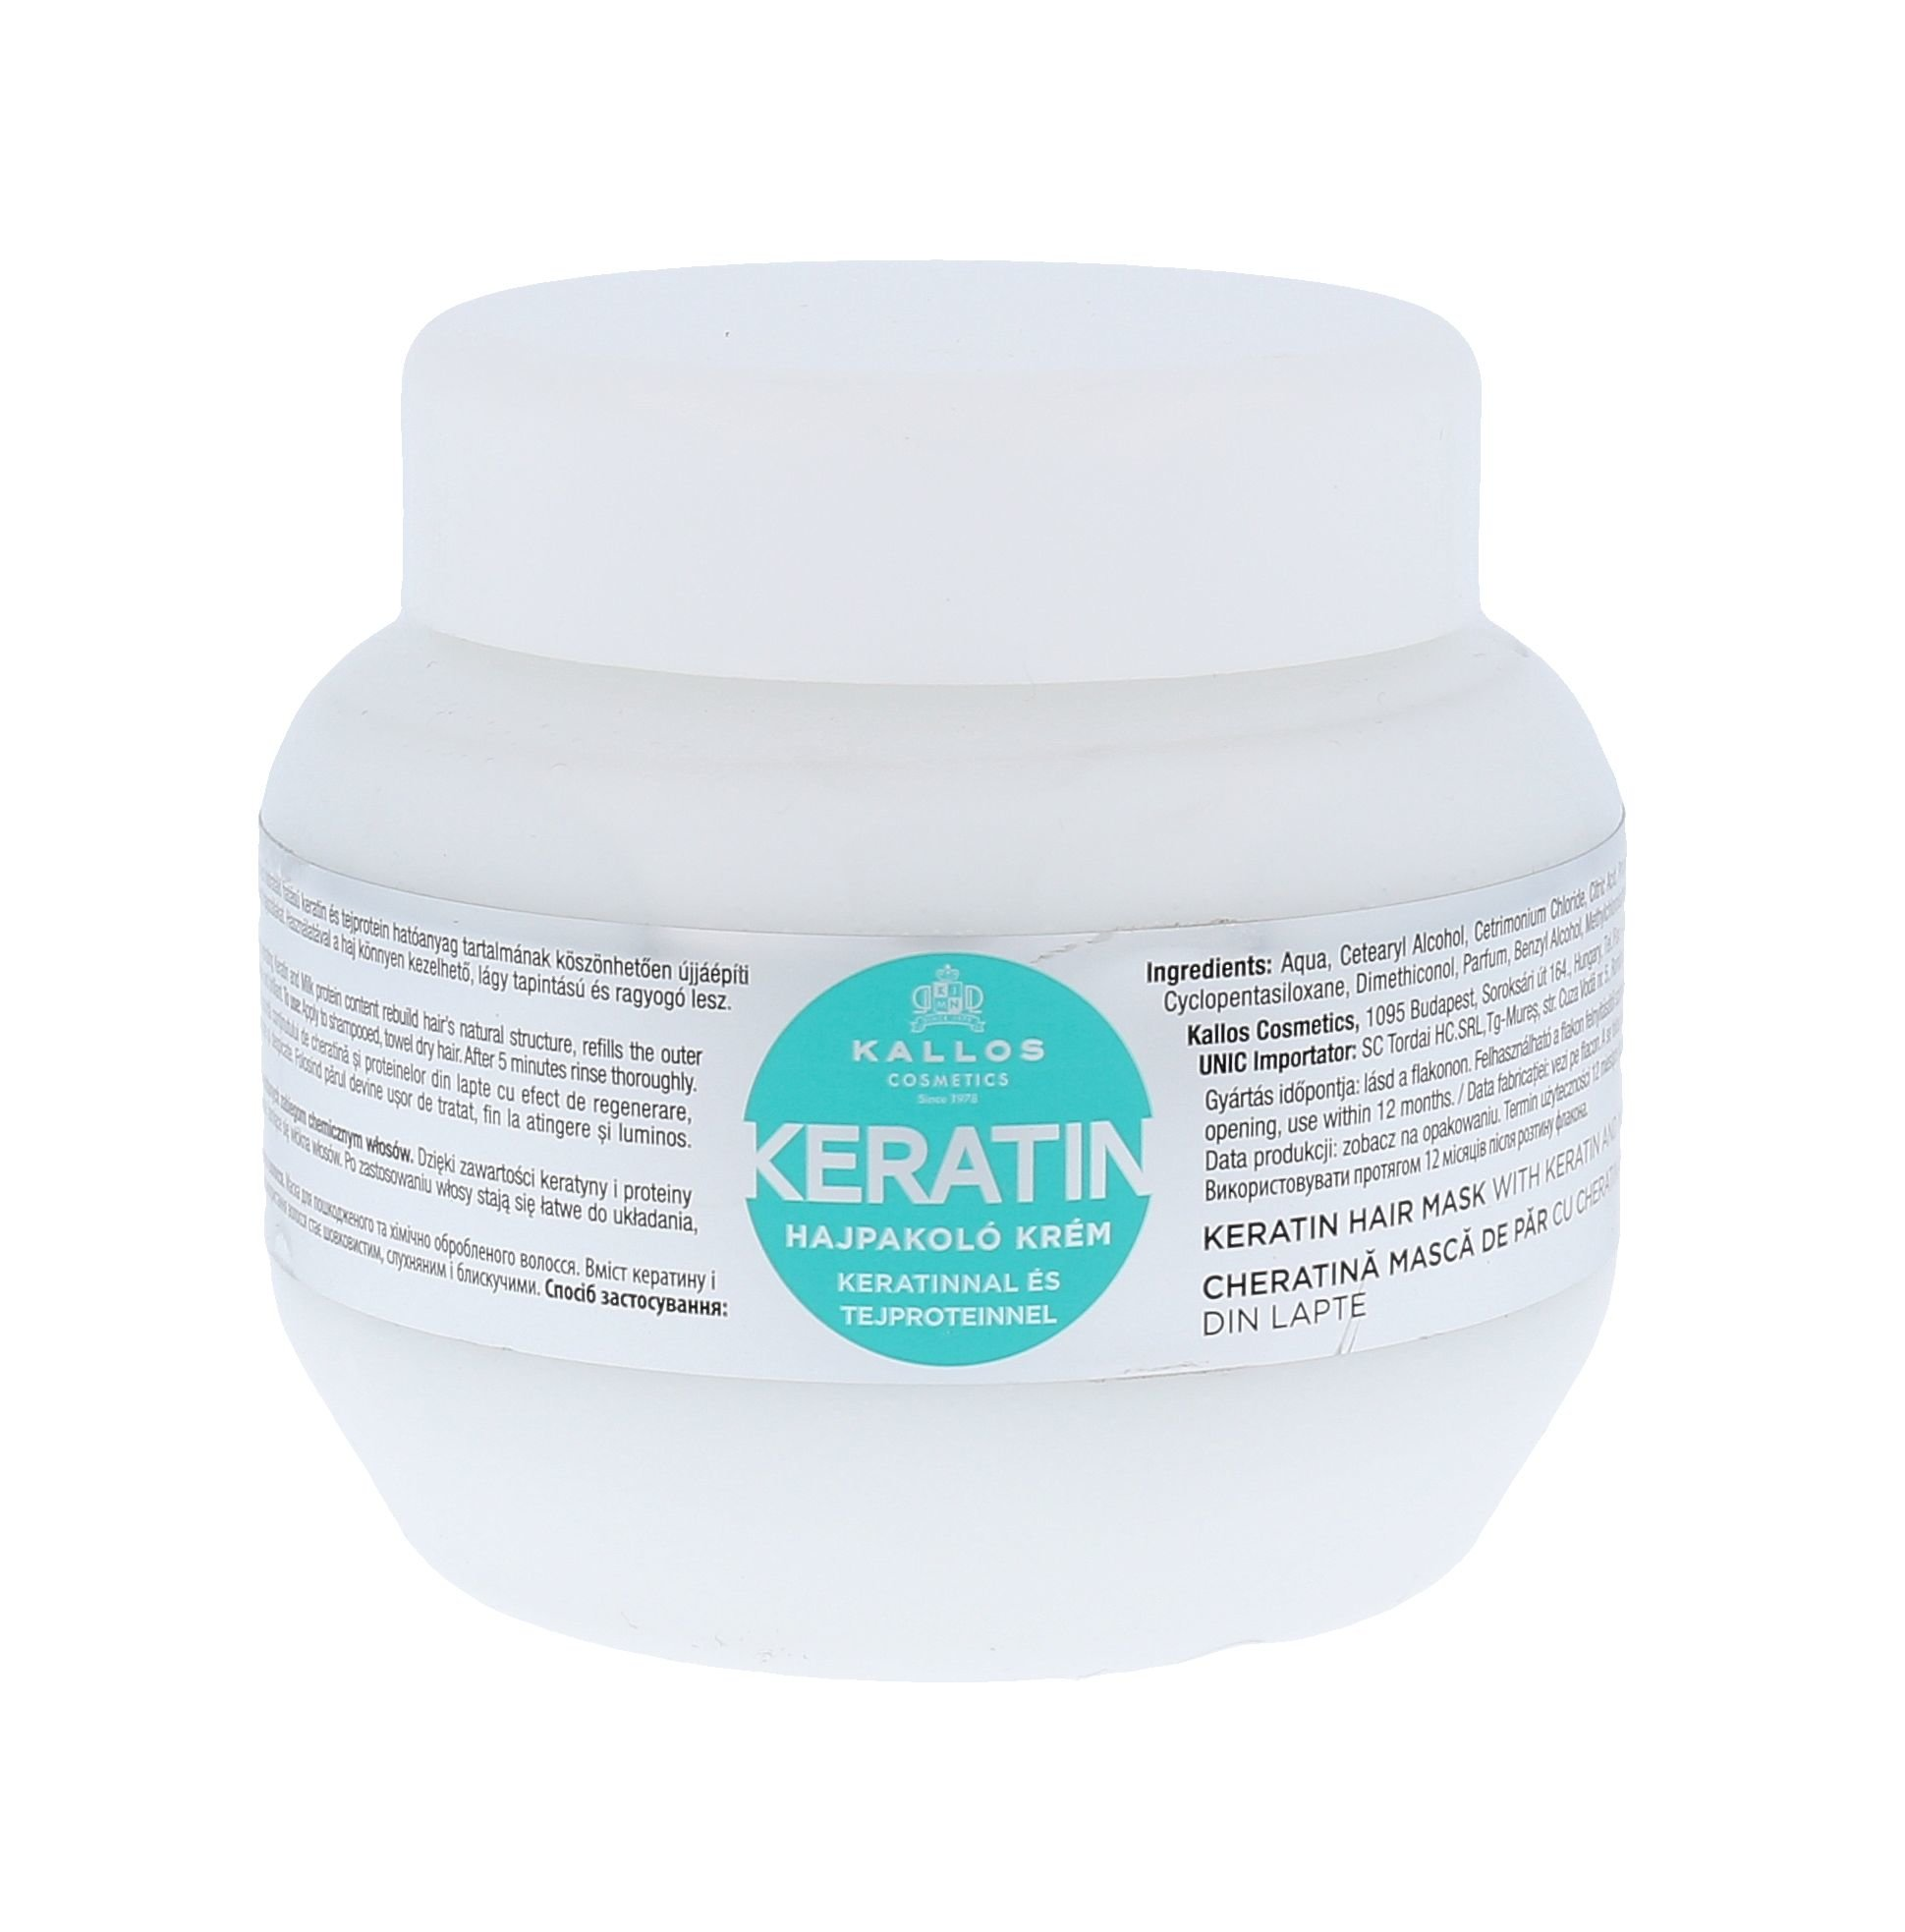 Kallos Cosmetics Keratin Cosmetic 275ml